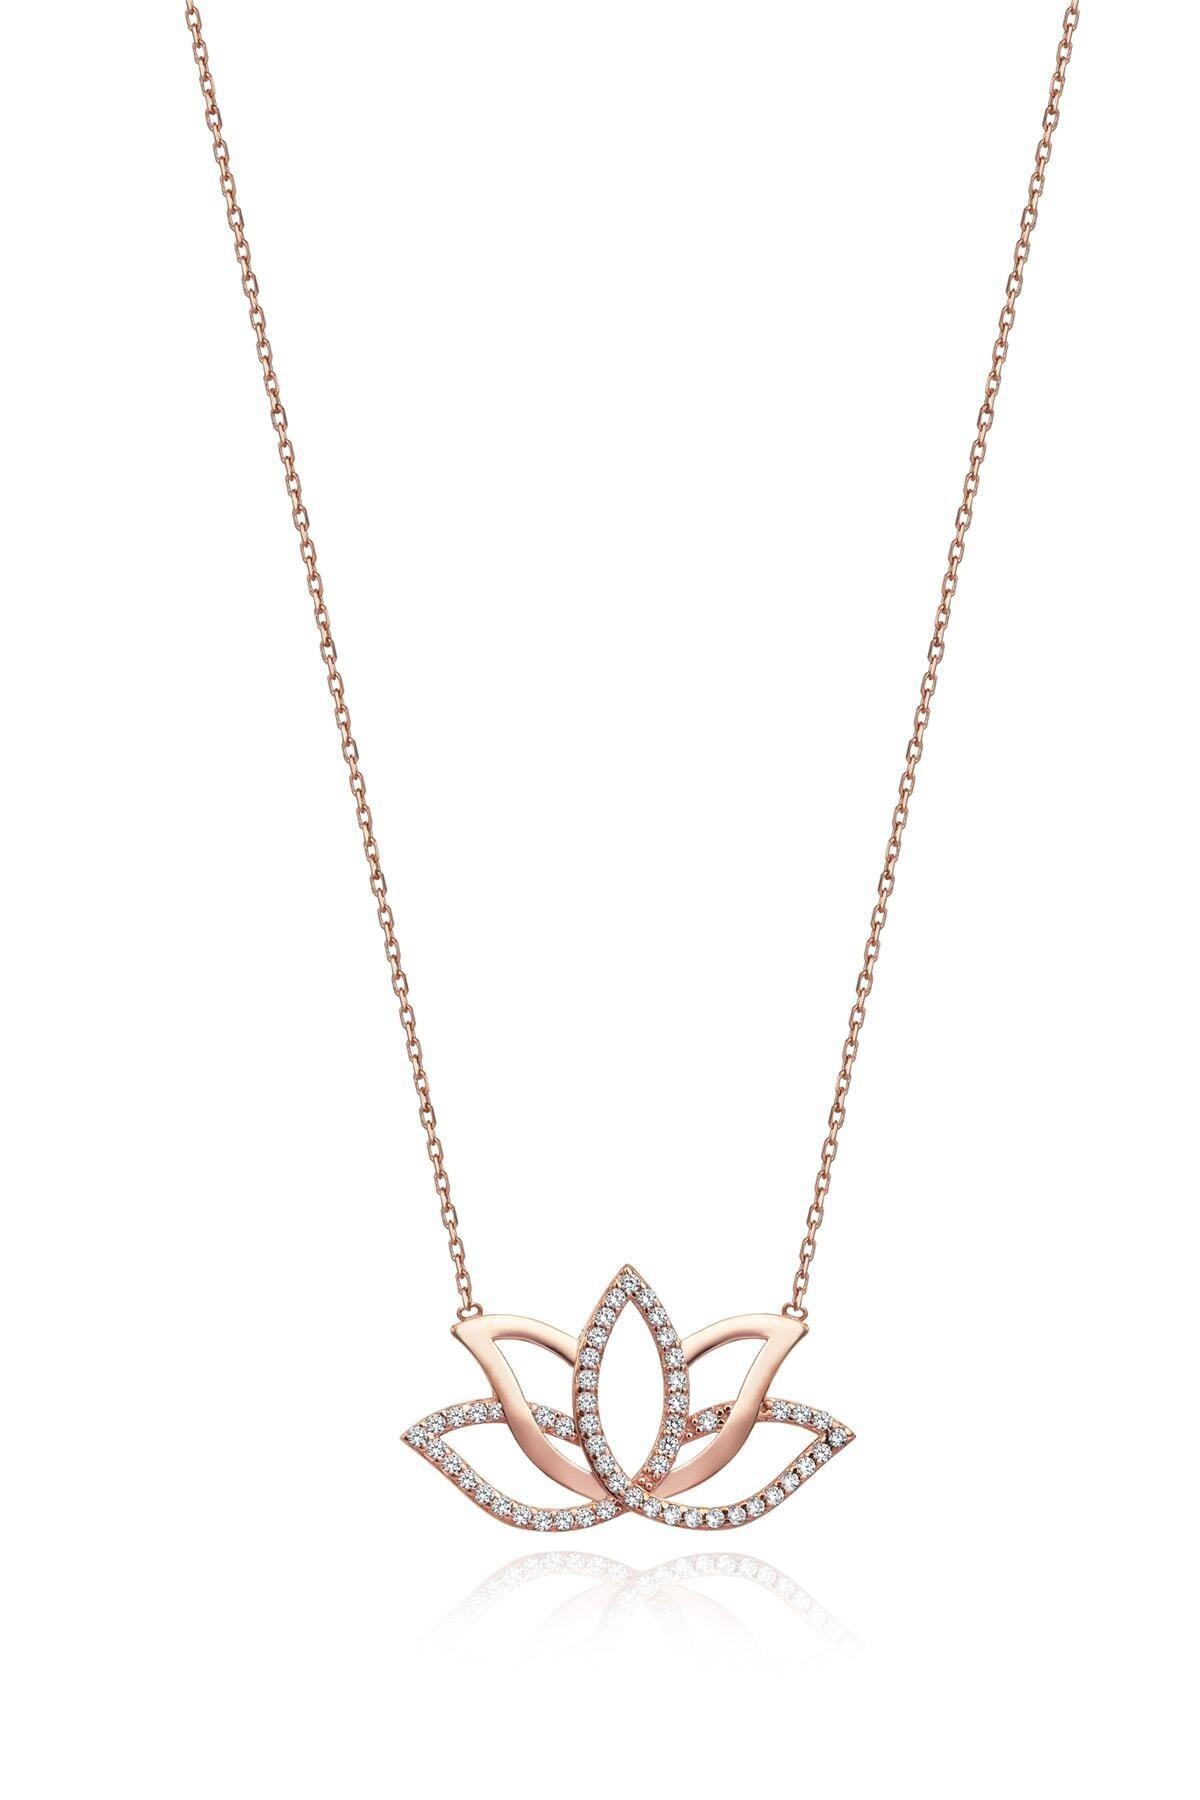 Gümüş Tezgahi 925 Ayar Gümüş Lotus Yaşam Çiçeği Aşk Kolyesi 1